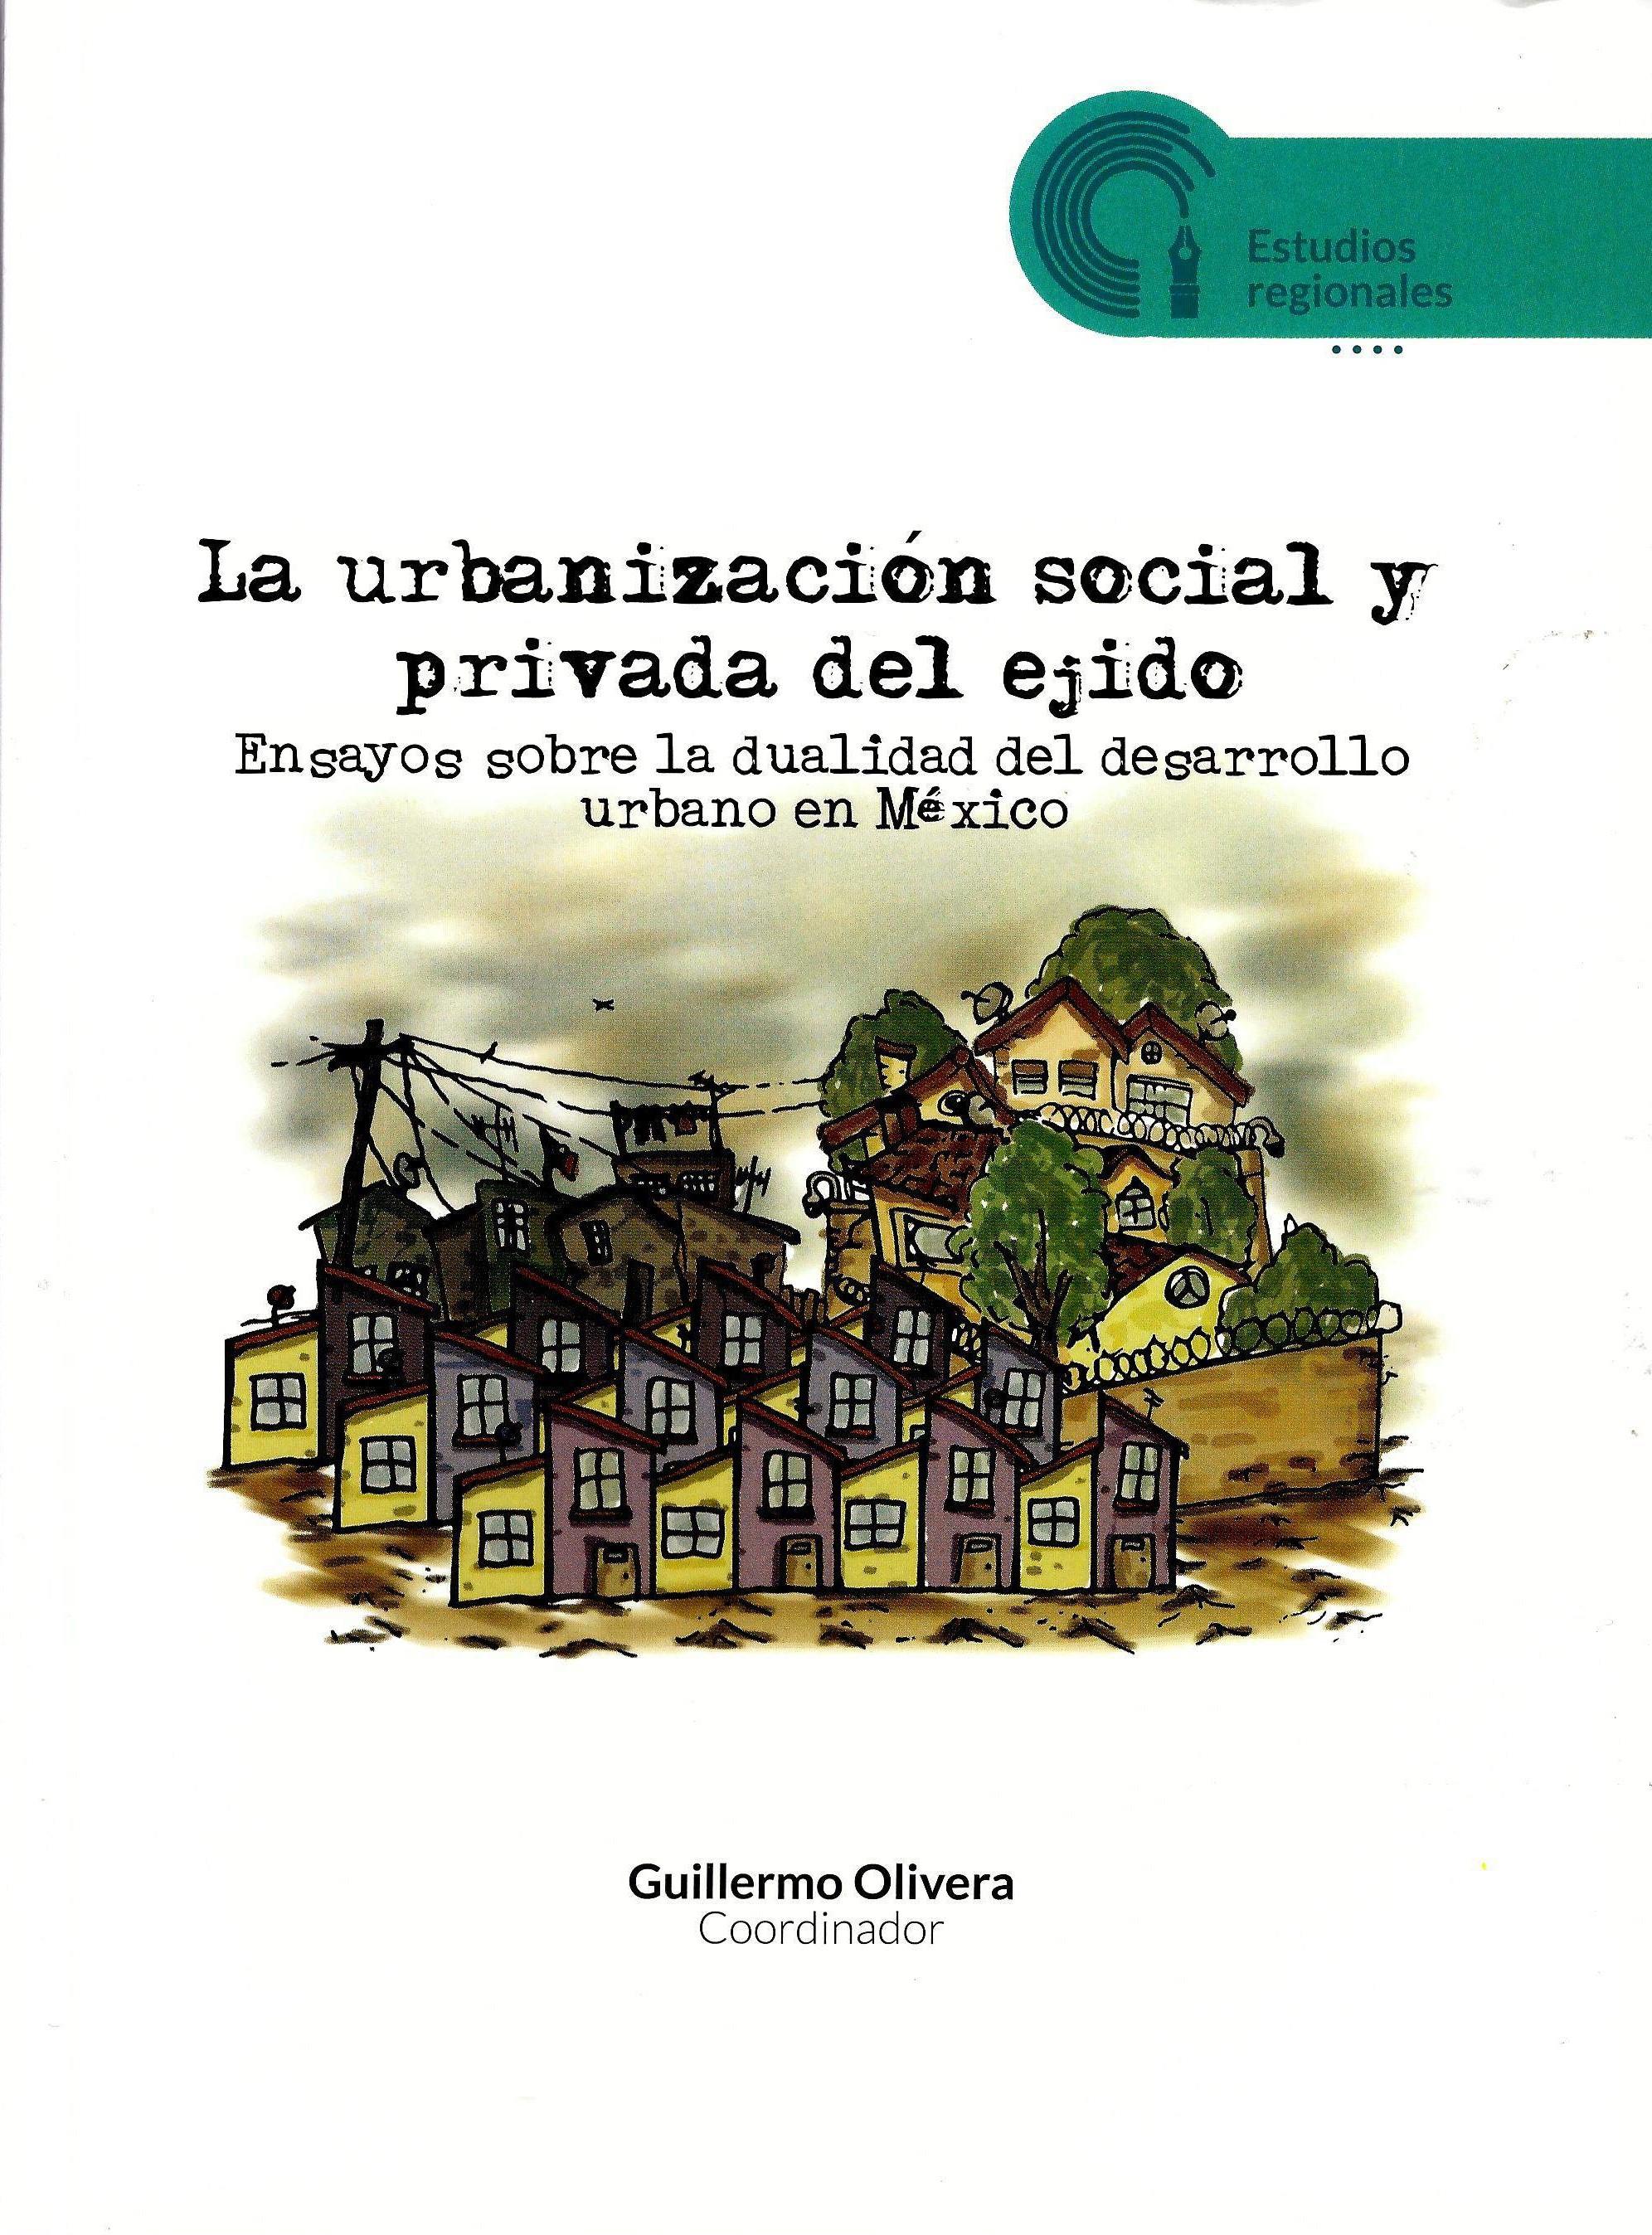 La urbanización social y privada del ejido Ensayos sobre la dualidad del desarrollo urbano en México